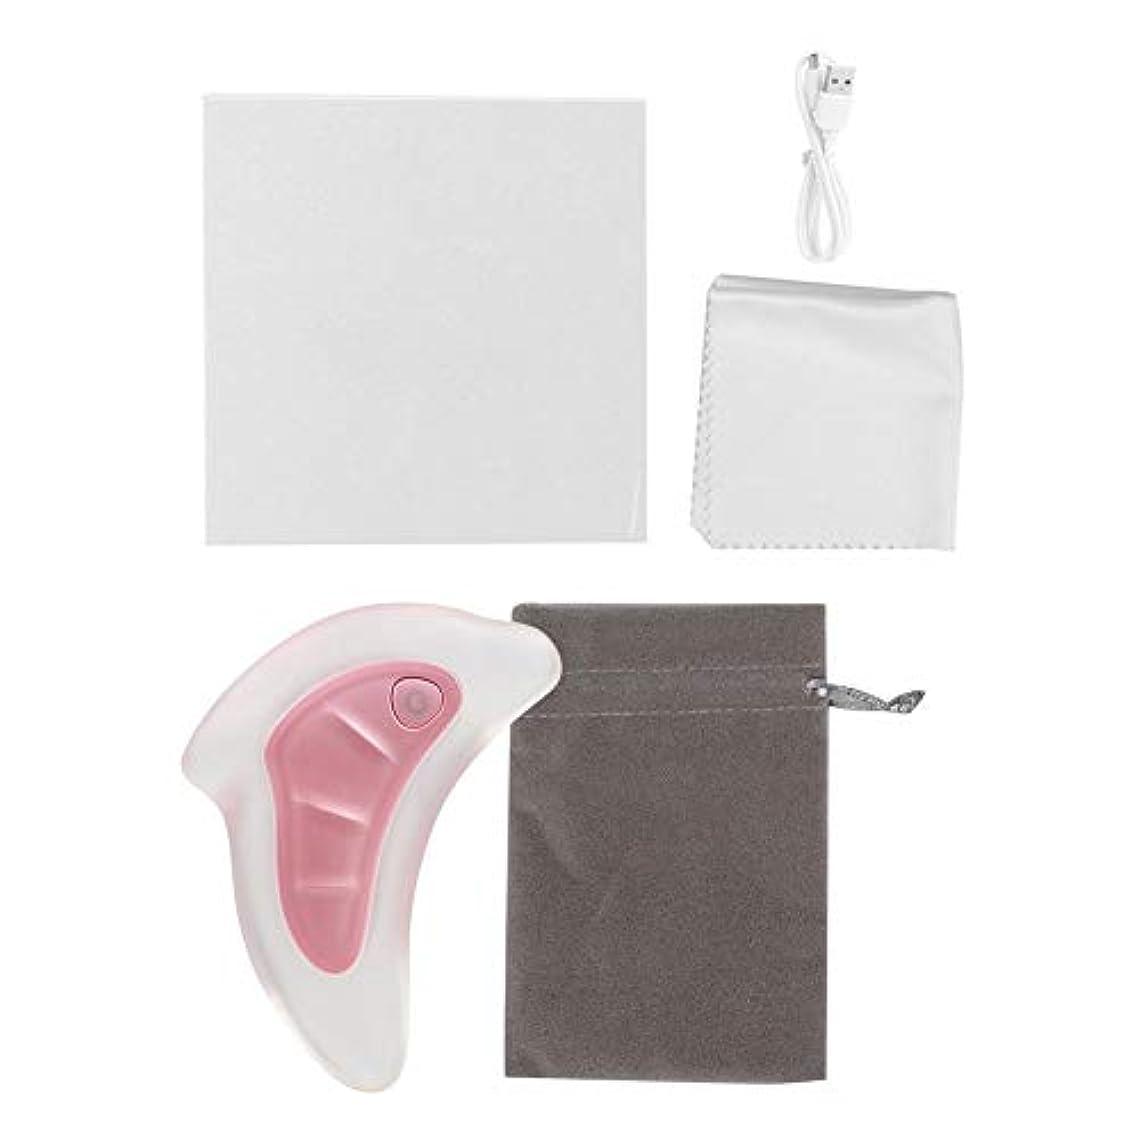 言い訳習熟度音2色スクレーピングマッサージャー - フェイスリフティングスクレーパー、グアシャツール - アンチエイジング、アンチリンクルマッサージ&フェイシャルグアシャ、カラフルなライトを廃棄するための楽器(ピンク)